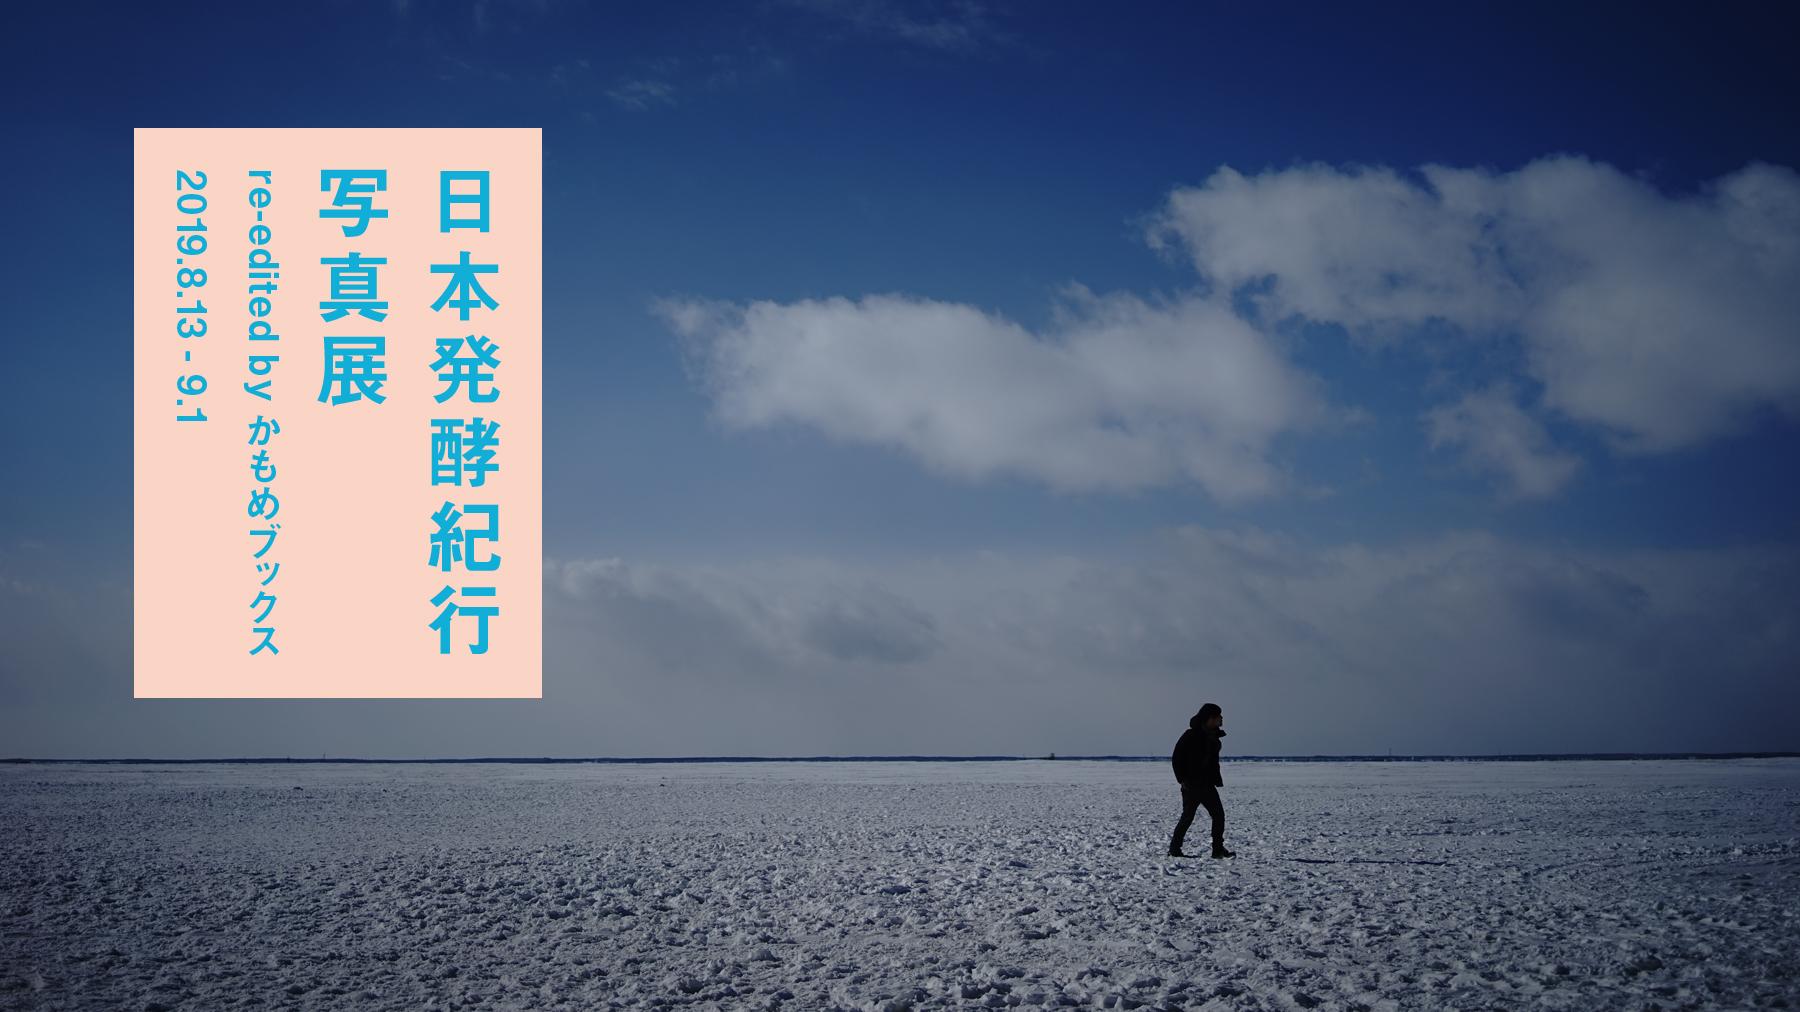 ondo_hakkou_banner1800x1012